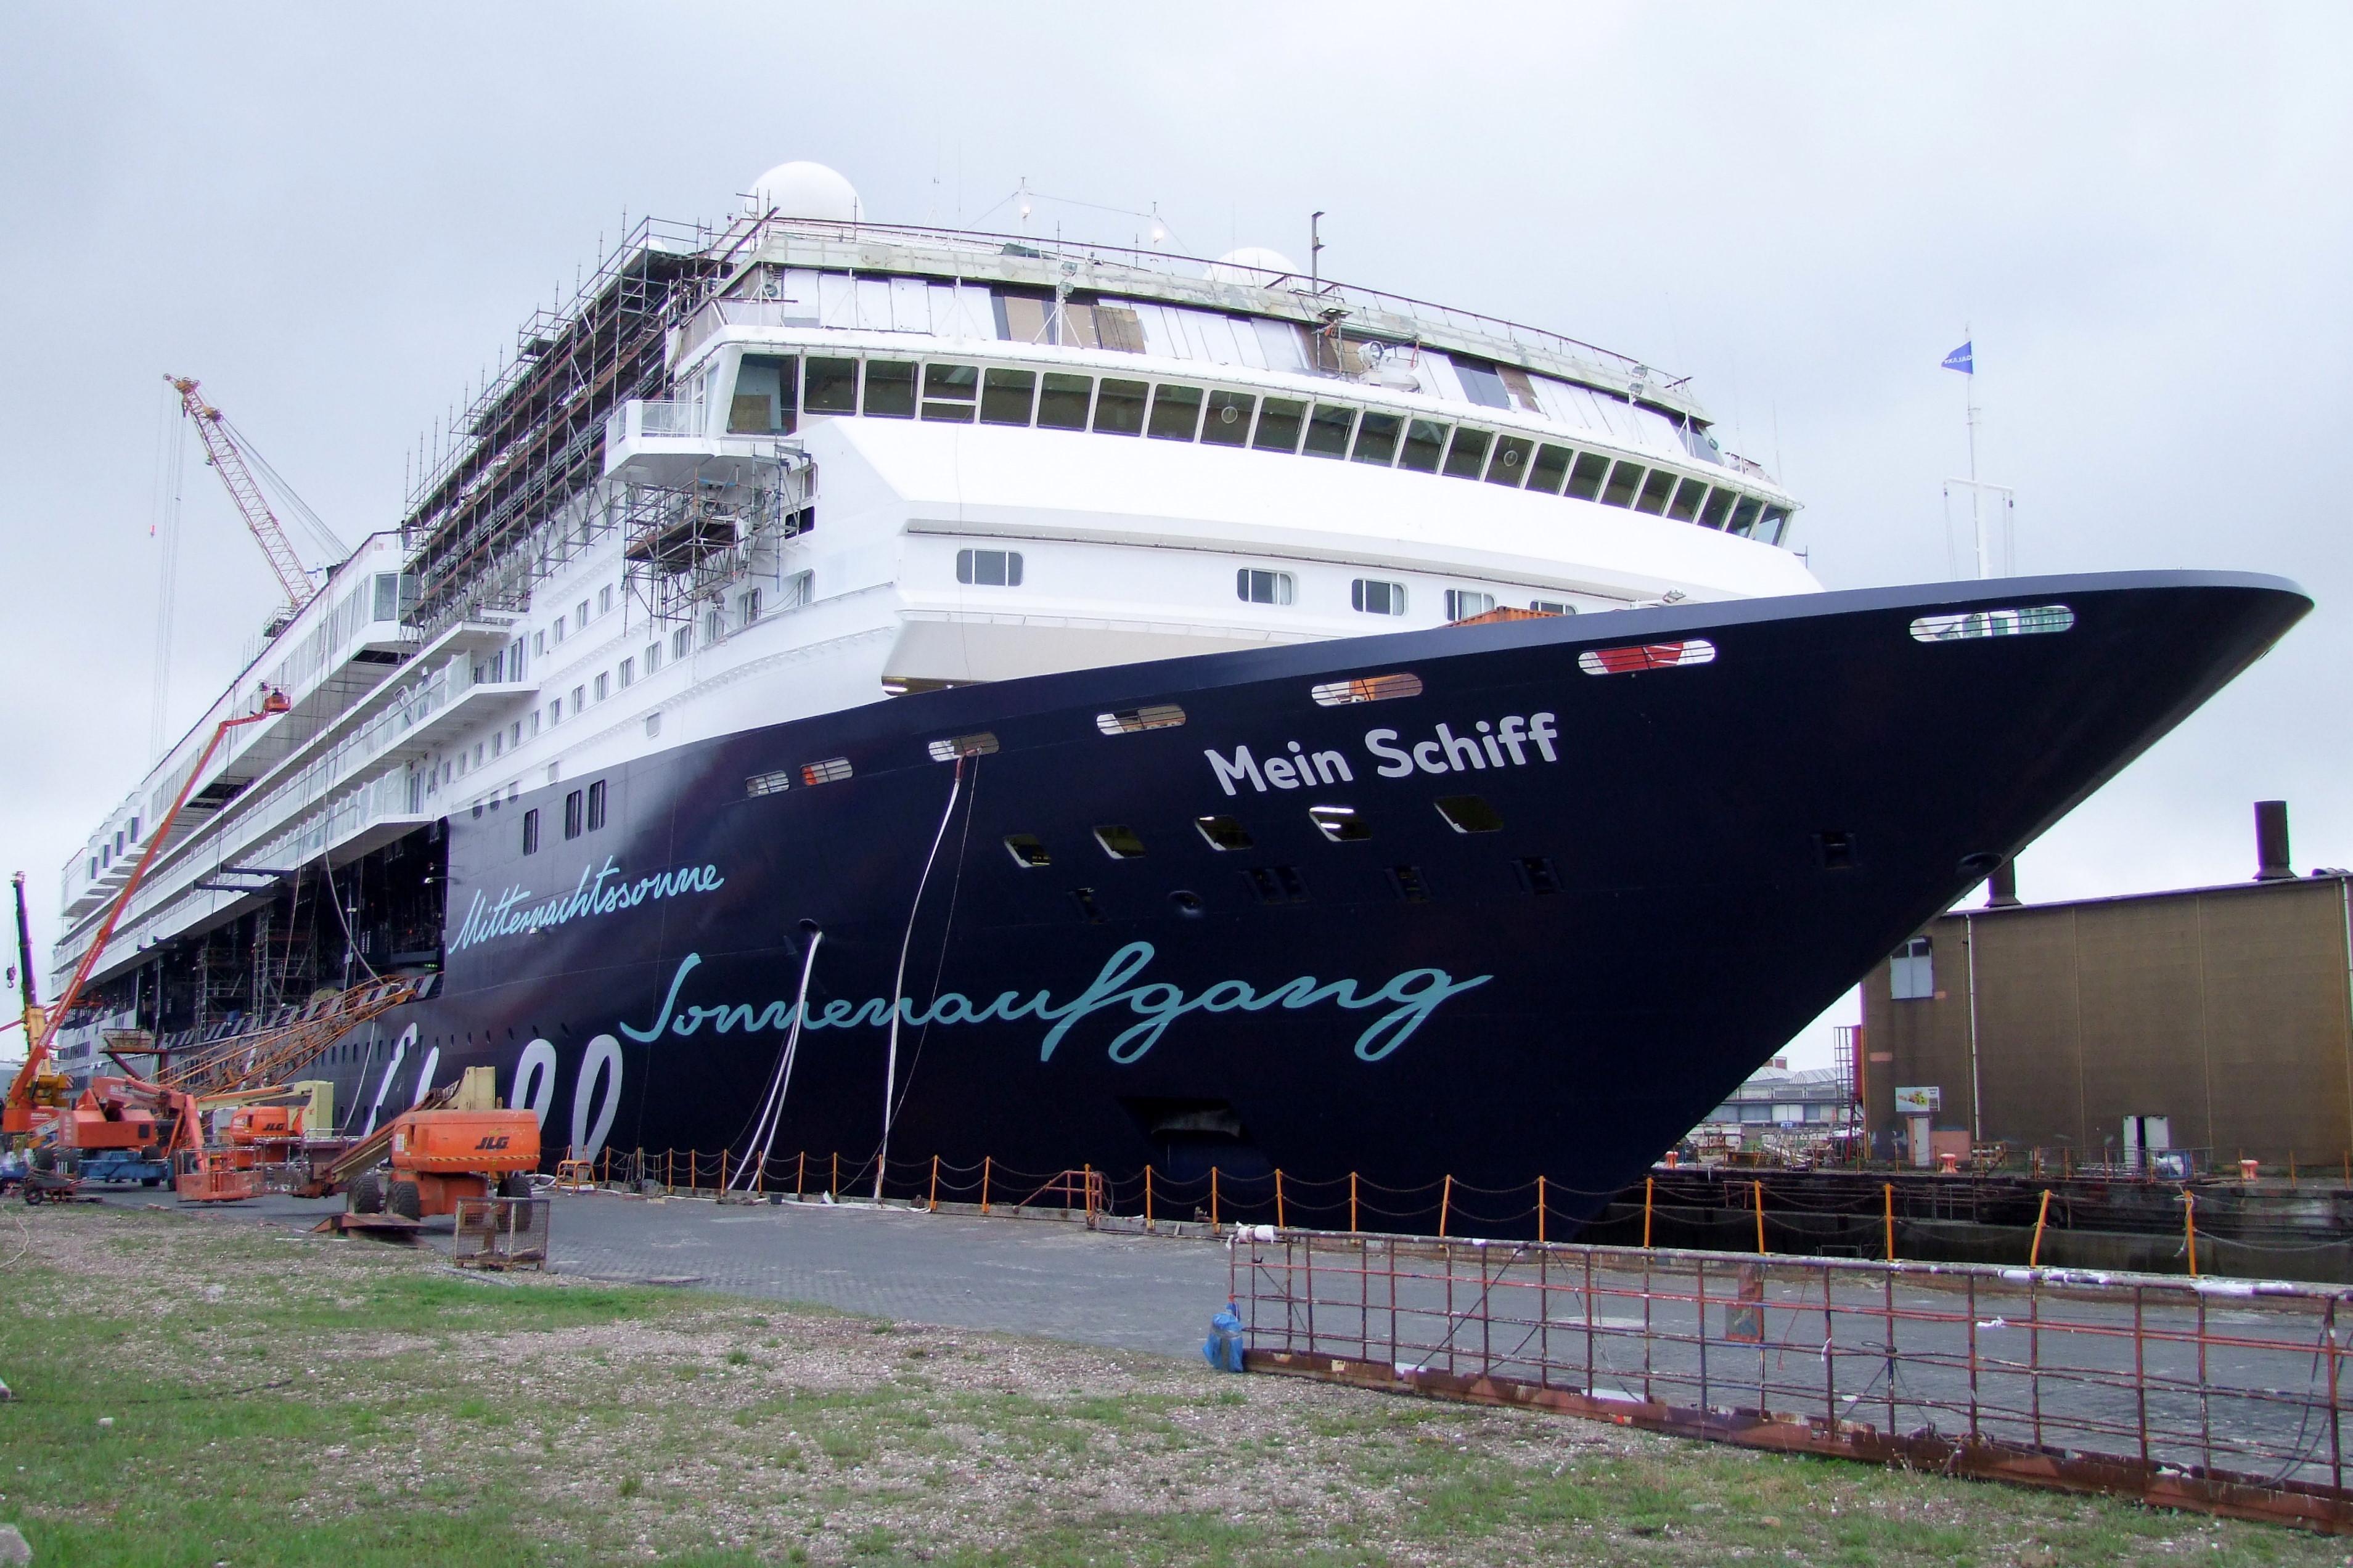 Nach dem Umbau: Jetzt als Mein Schiff 1